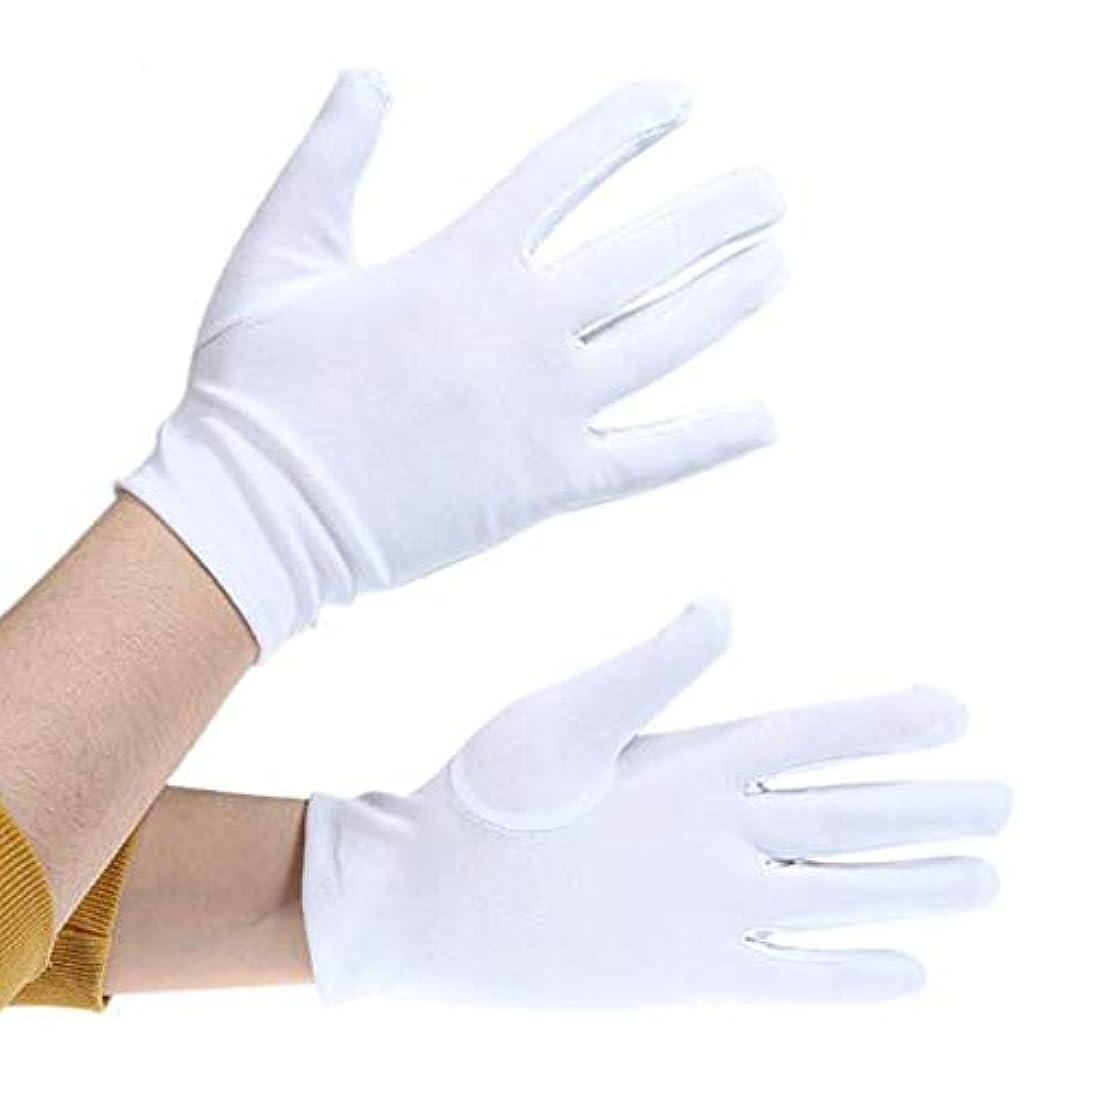 ええ謝る不毛白手袋薄 礼装用 ジュエリーグローブ時計 貴金属 宝石 接客用 品質管理用 作業用手ぶくろ,保護着用者